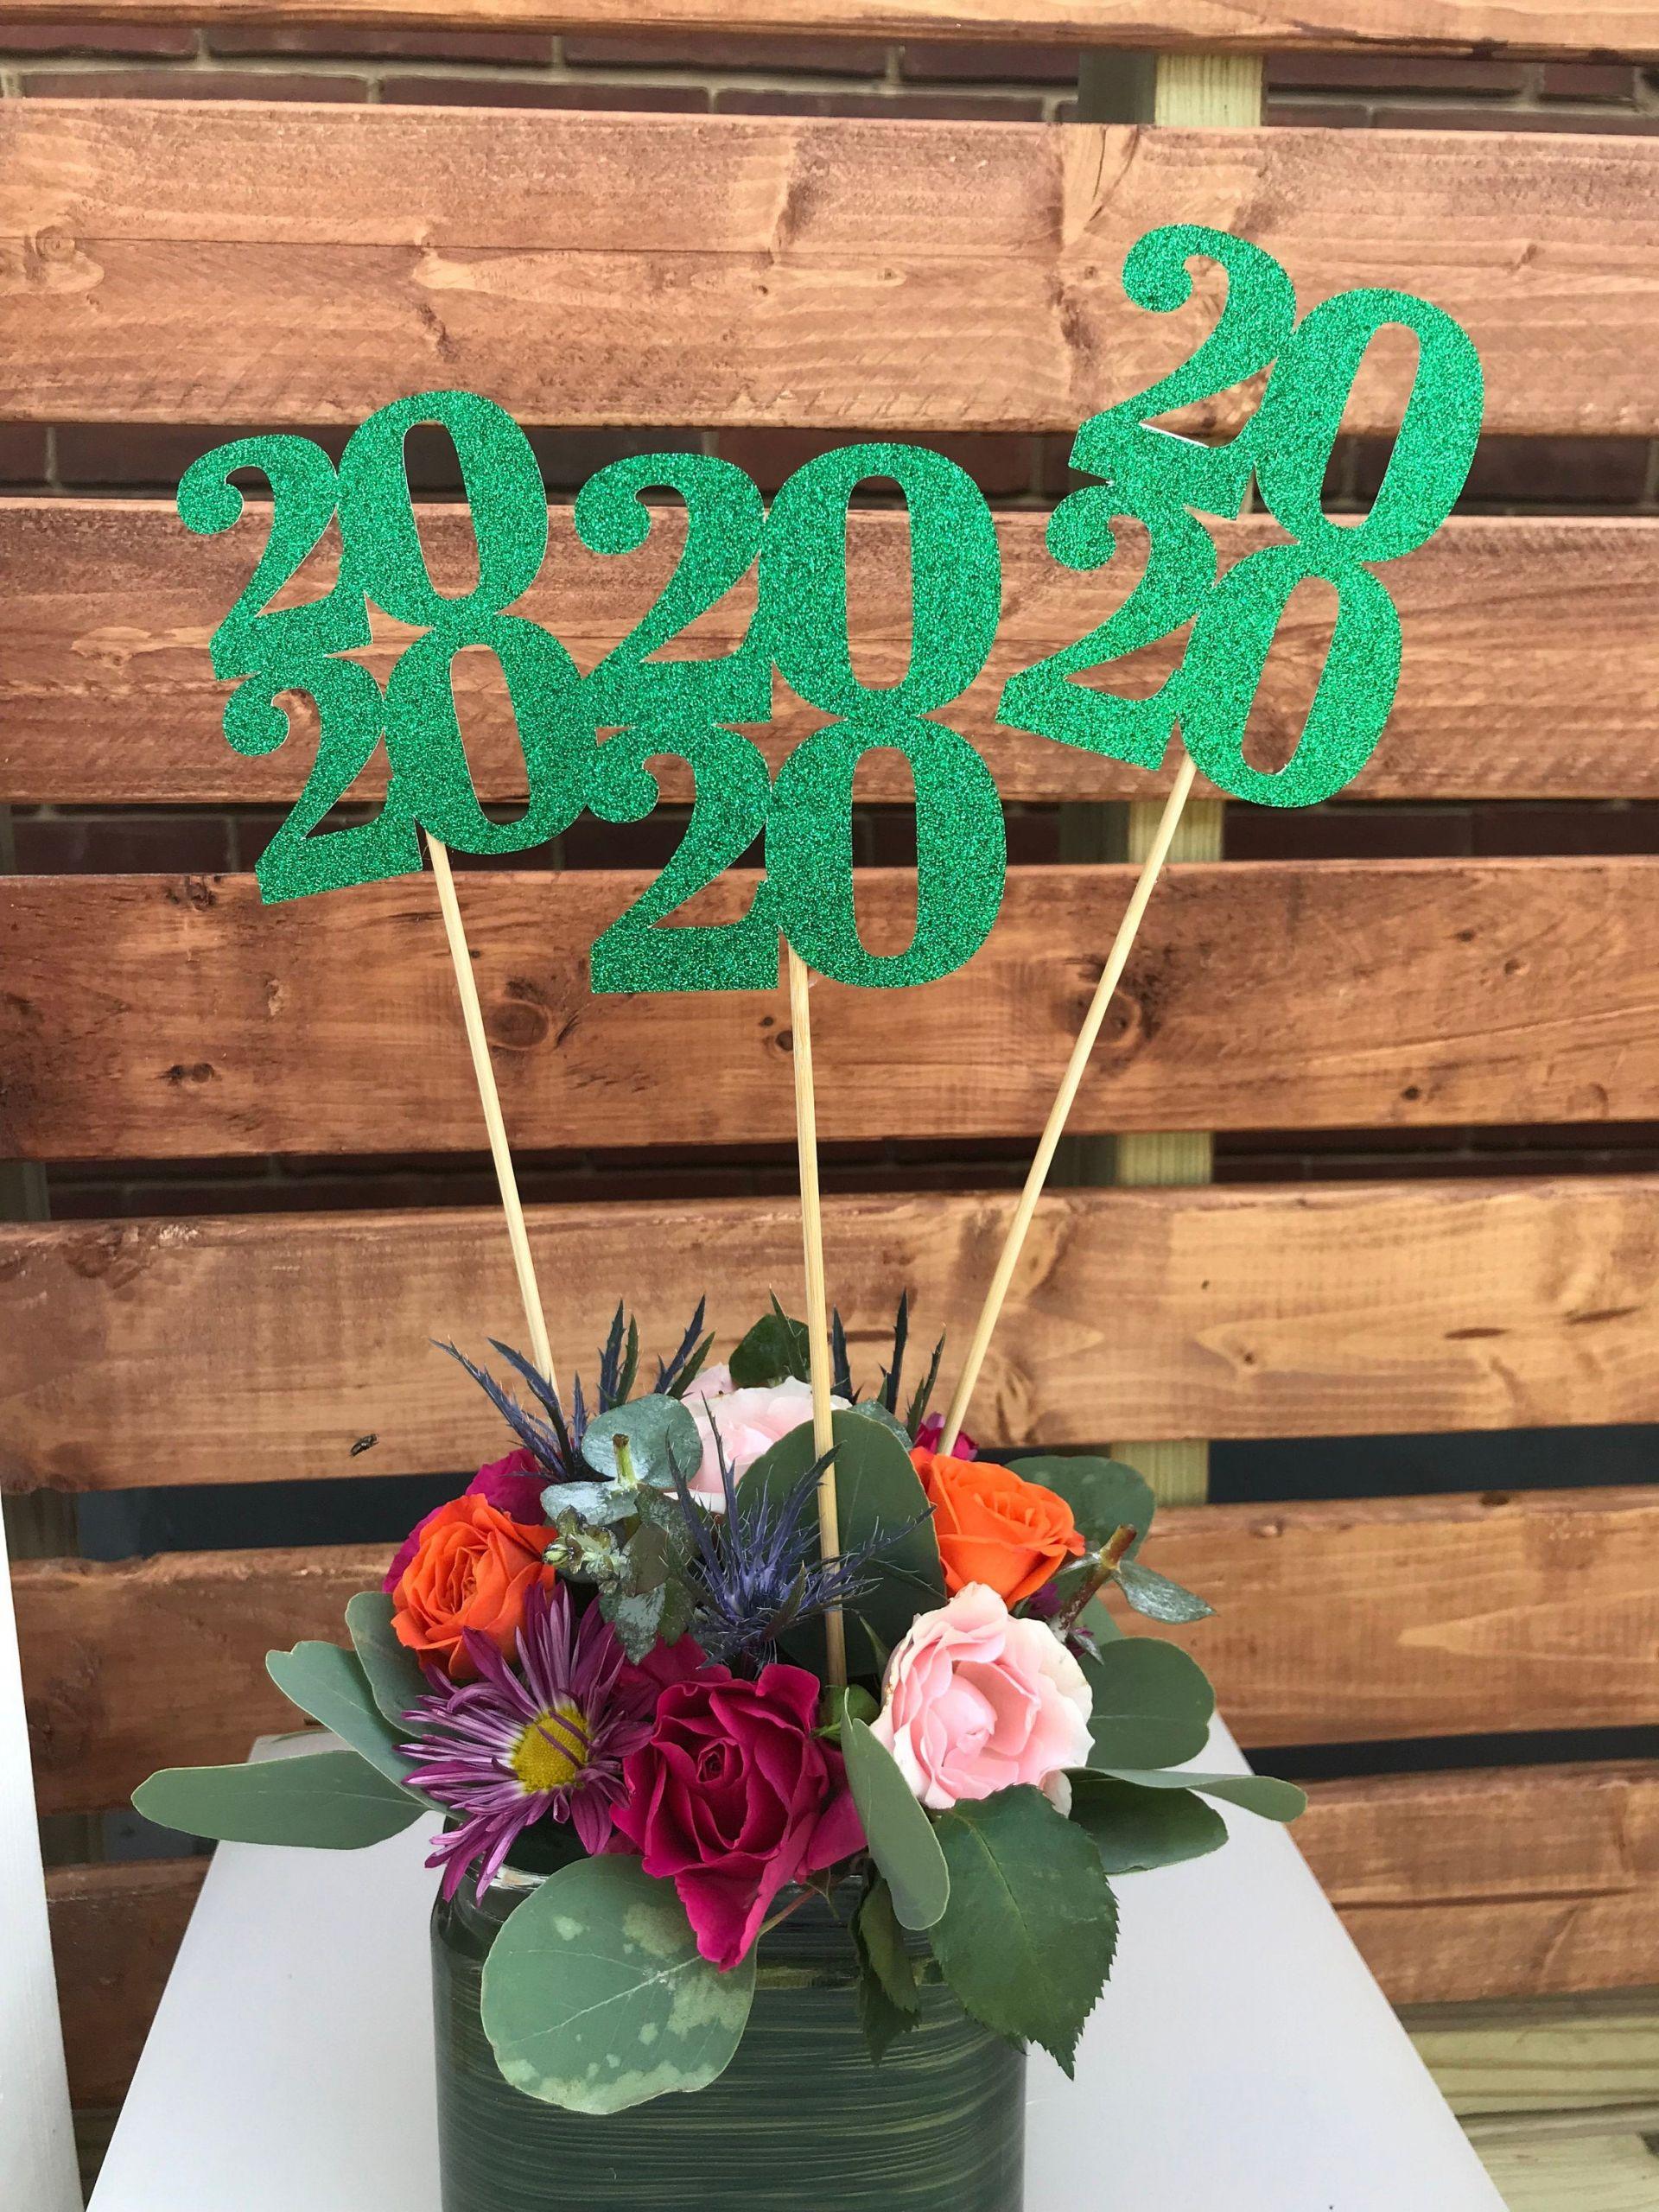 2020 Graduation Party Ideas  2020 Graduation party decorations Class of 2020 Double